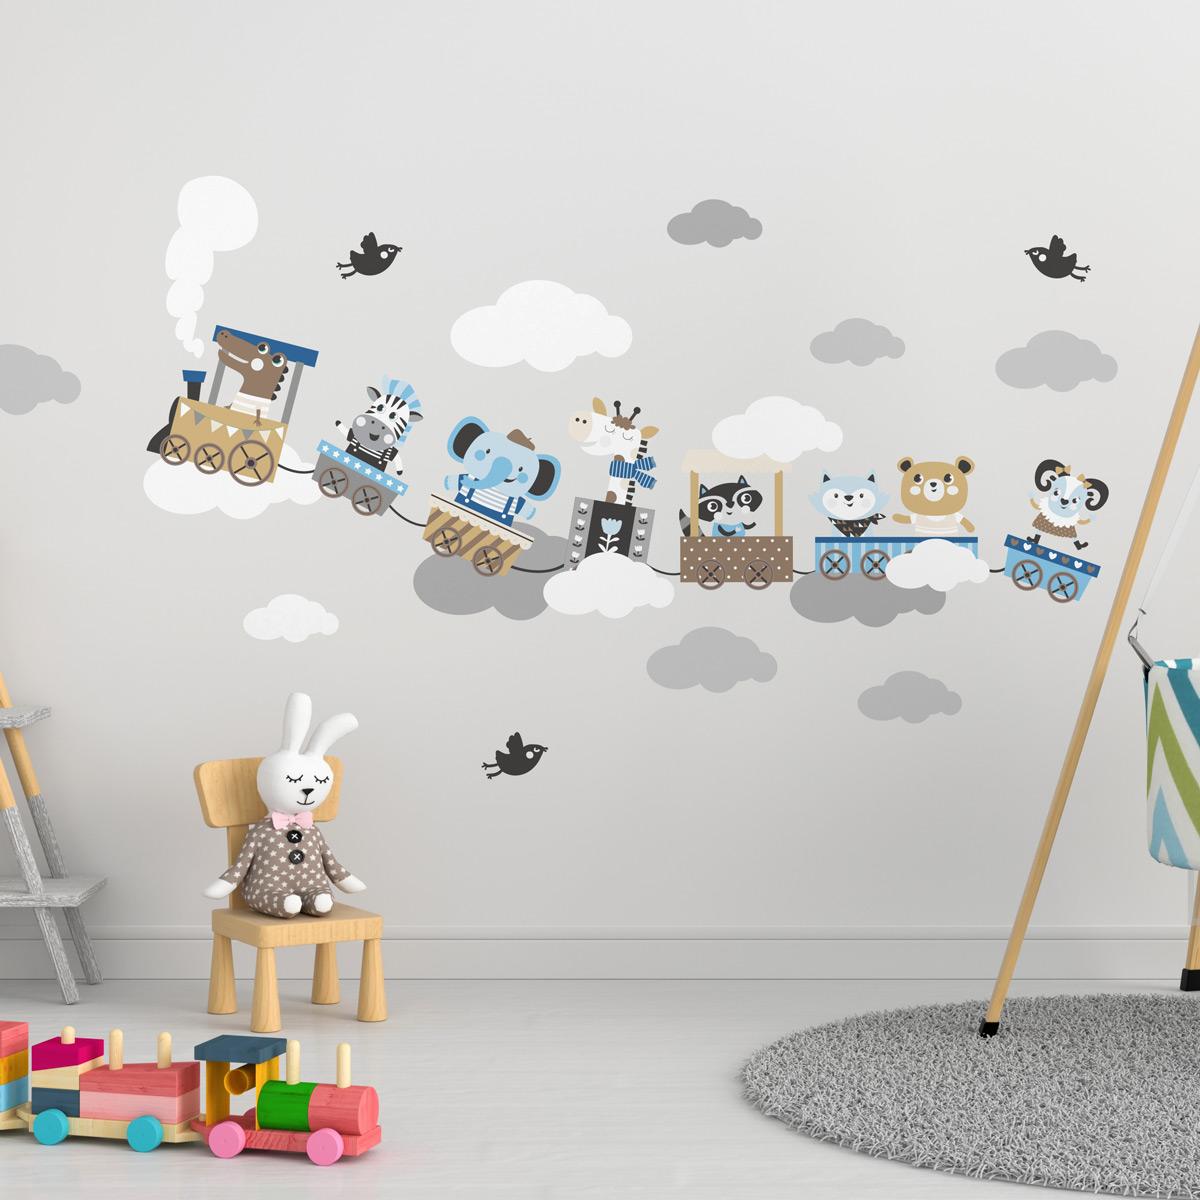 Des Autocollants Sticker Enfants Autocollant bêtes Baby Sauterelle Sauterelle